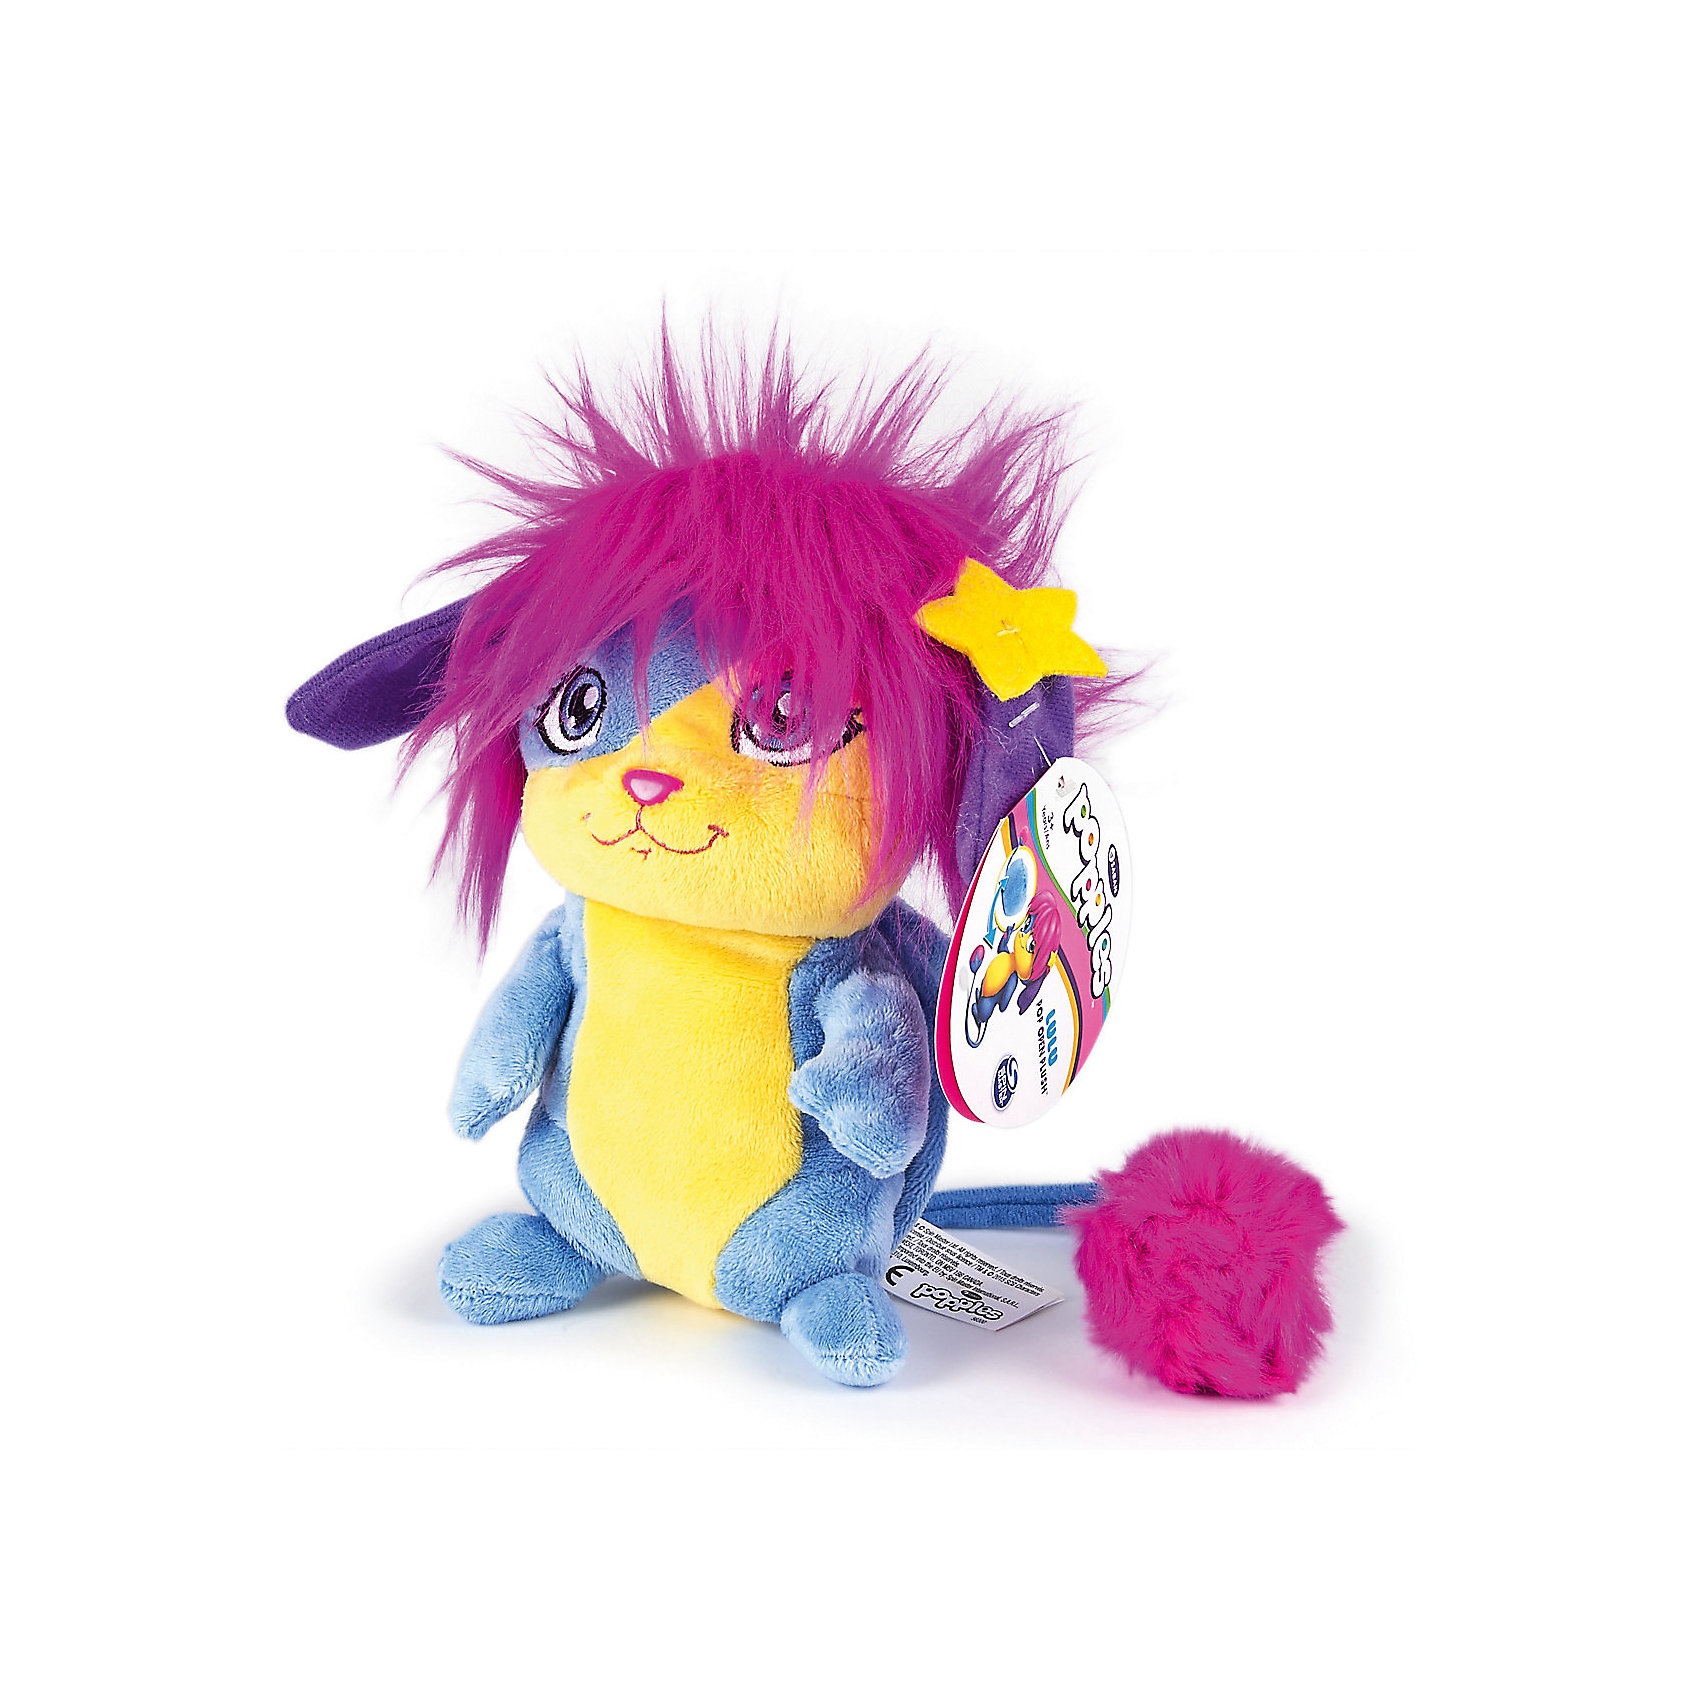 Мягкая игрушка Лулу, 28см, сворачивается в шар, PopplesМягкие игрушки животные<br>Мягкая игрушка Лулу, 28 см, сворачивается в шар, Popples<br><br>Характеристика:<br><br>-Возраст: от 4 лет<br>-Для девочек <br>-Цвет: розовый <br>-Материал: плюш<br>-Размер: 28 см<br>-Марка: Popples<br><br>Мягкая игрушка Popples - это уникальная мягкая игрушка для детей. Игрушка по имени Лулу яркая и веселая. Самое интересное то, что она имеет небольшой кармашек, что позволяет превратить игрушку в небольшой шар. Игрушку можно легко свернуть в небольшой плюшевый шарик, а затем вернуть ей привычную форму!<br><br>Мягкая игрушка Лулу, 28 см, сворачивается в шар, Popples можно приобрести в нашем интернет-магазине.<br><br>Ширина мм: 130<br>Глубина мм: 300<br>Высота мм: 200<br>Вес г: 750<br>Возраст от месяцев: 36<br>Возраст до месяцев: 2147483647<br>Пол: Женский<br>Возраст: Детский<br>SKU: 5301647